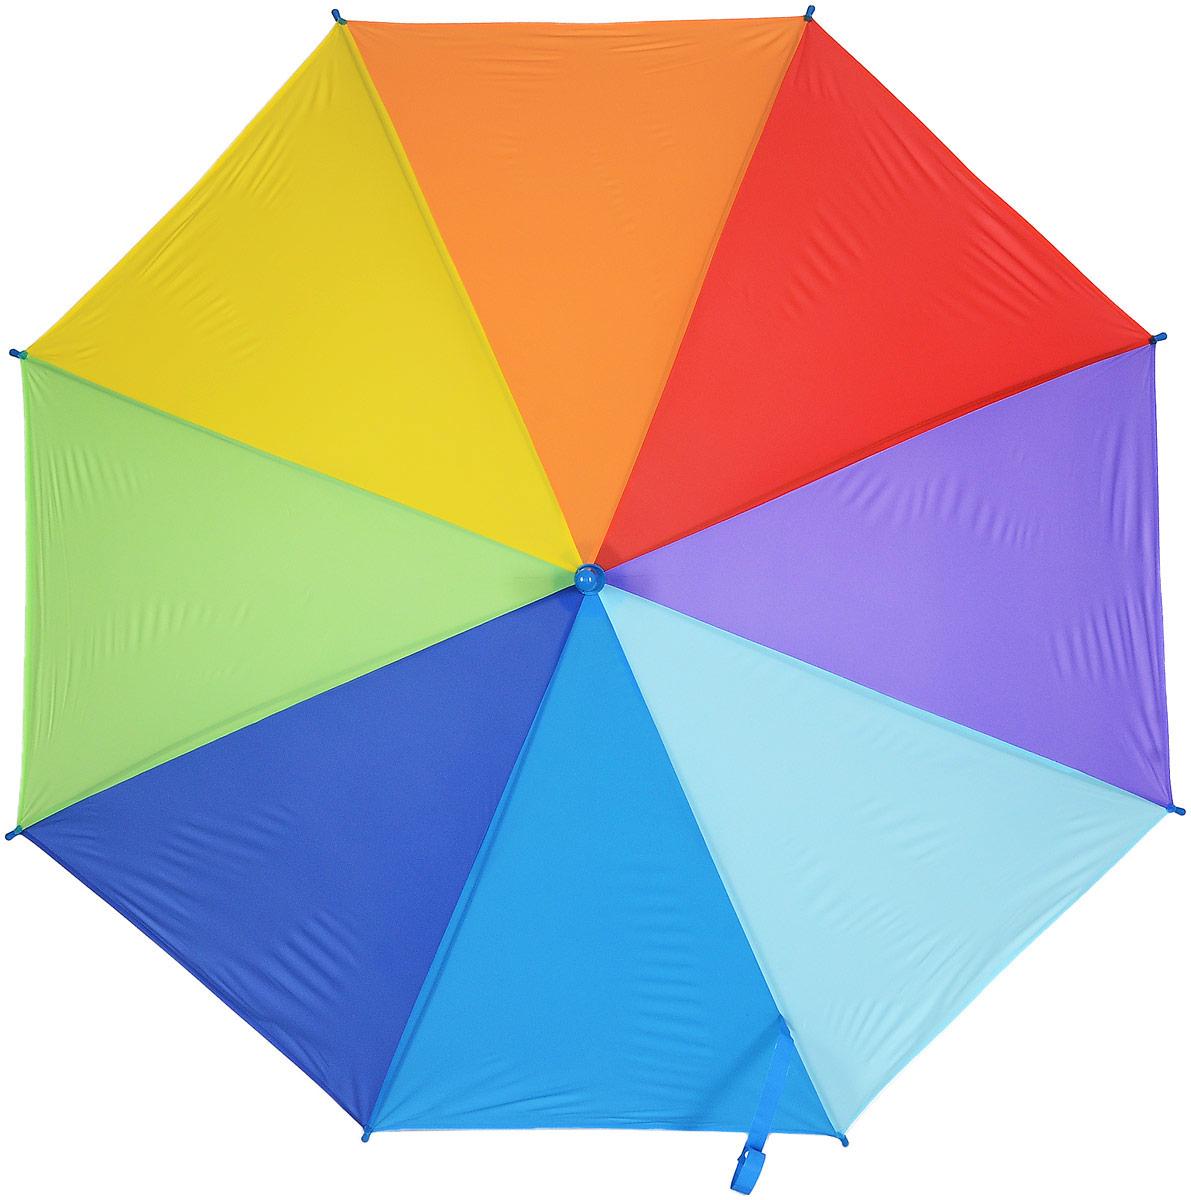 Зонт женский Эврика Радуга, цвет: зеленый, желтый, синий. 9750497503_голубойСтильный механический зонт Эврика Радуга даже в ненастную погоду позволит вам оставаться стильной и элегантной. Каркас зонта из металла состоит из восьми спиц, оснащен удобной рукояткой. Купол зонта выполнен из прочного поливинилхлорида. Закрытый купол фиксируется хлястиком на кнопке.